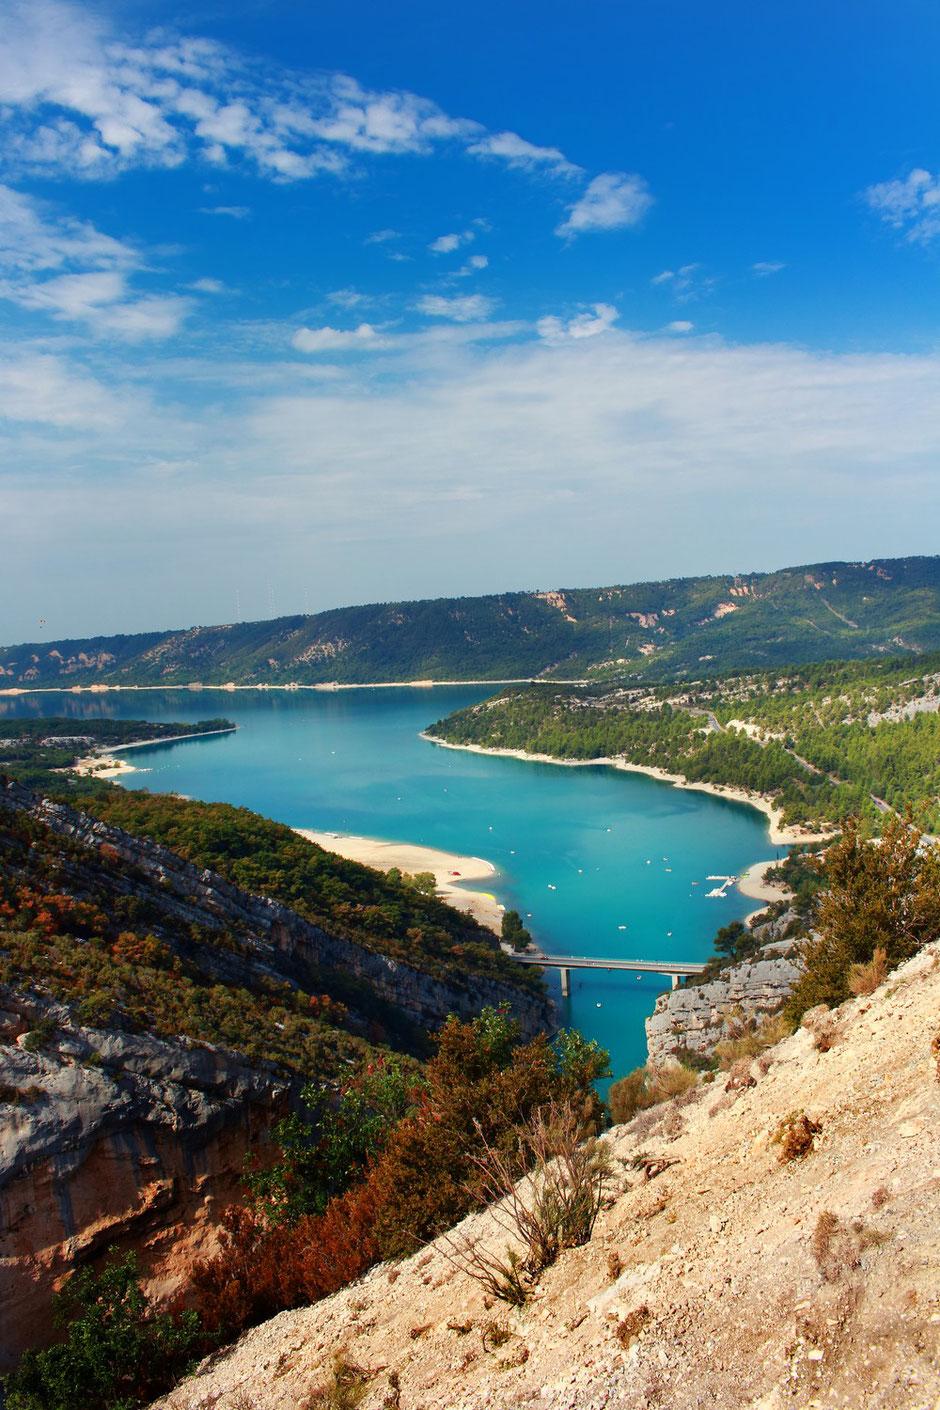 Sur la route du Verdon, vue sur le lac de Sainte Croix et l'entée des Gorges. Week end nature et sport dans le VERDON (FRANCE) www.missaventure.com blog d'aventures nature et photos